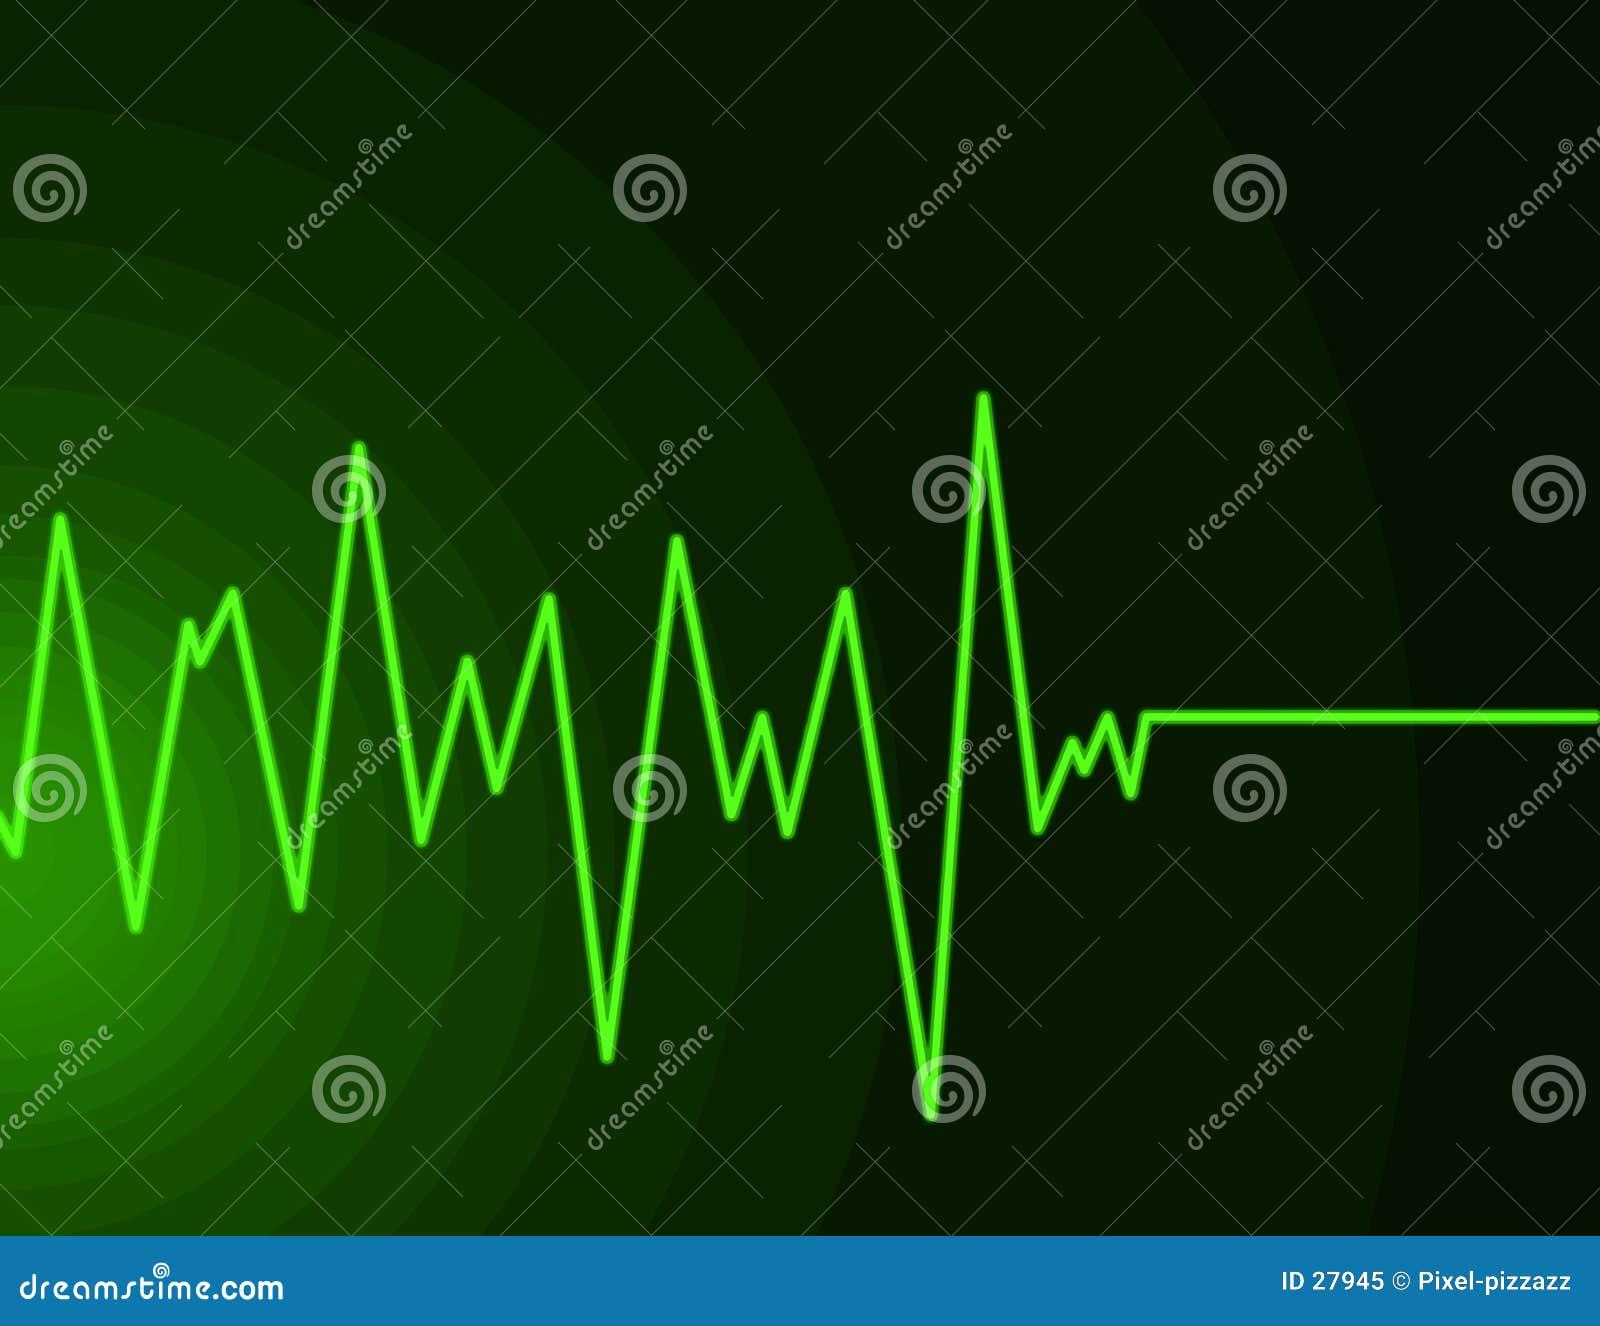 绿色霓虹无线电波